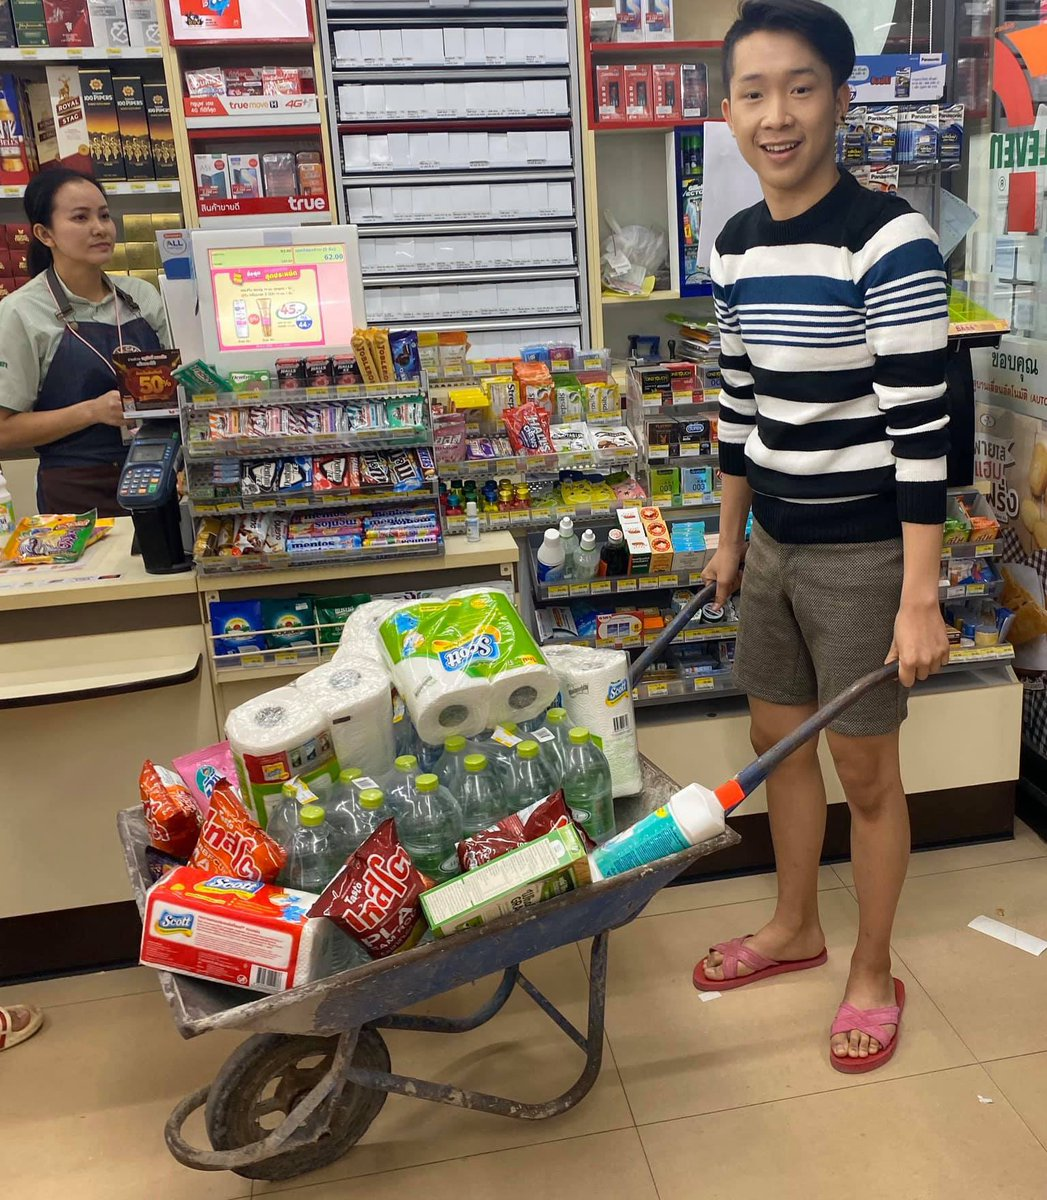 tailandeses substituem sacolas plásticas após proibição